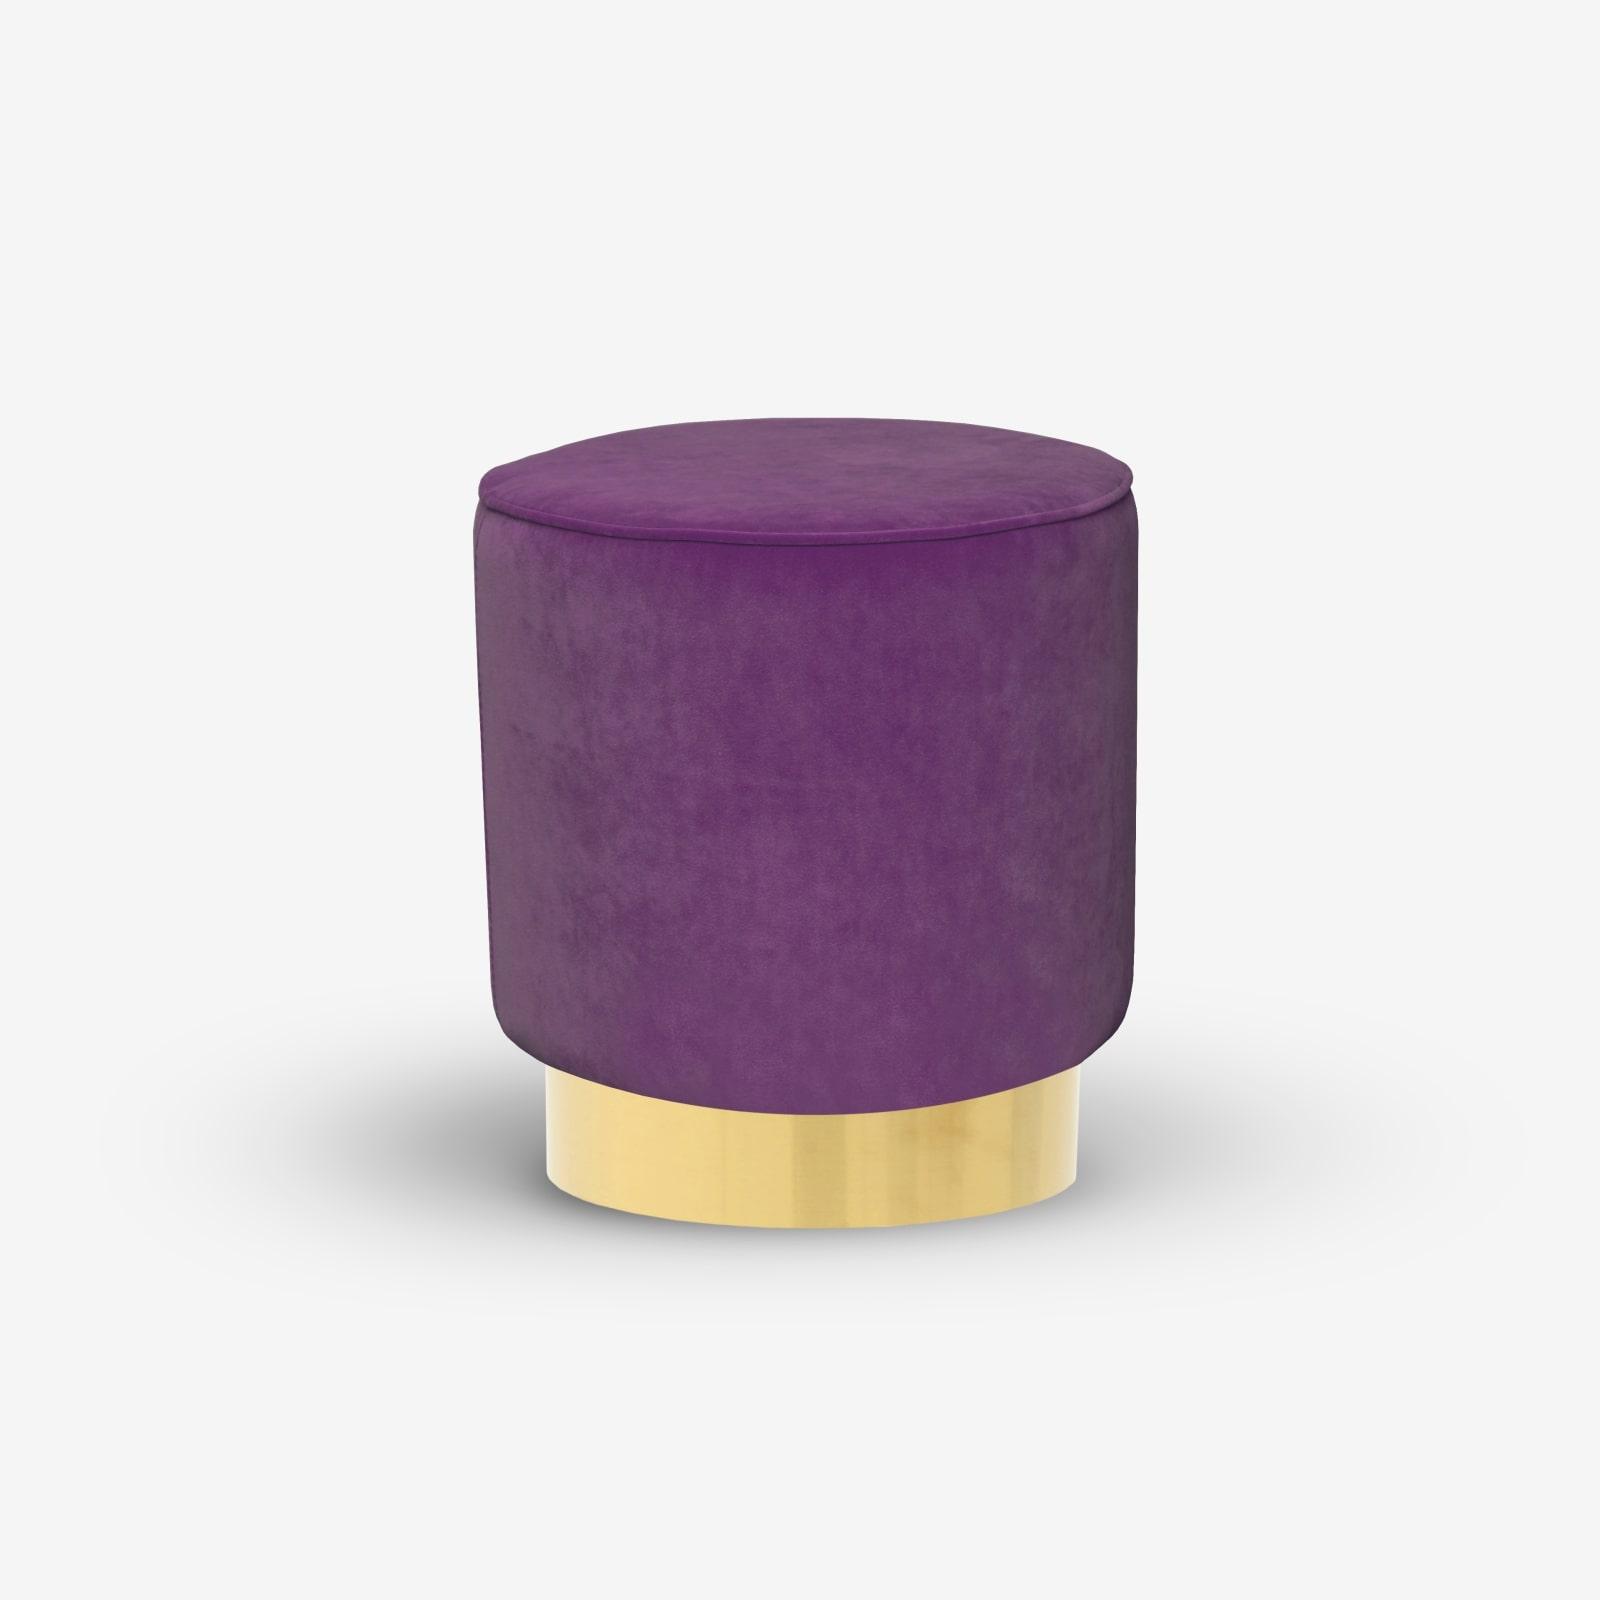 produzione-pouf-in-velluto-liscio-e-oro-pouf-in-metallo-oro-pouf-in-velluto-per-arredamento-contract-pouf-per-ristoranti-pouf-arredamento-bar-alberghi-negozi-uffici-OTTO-viol